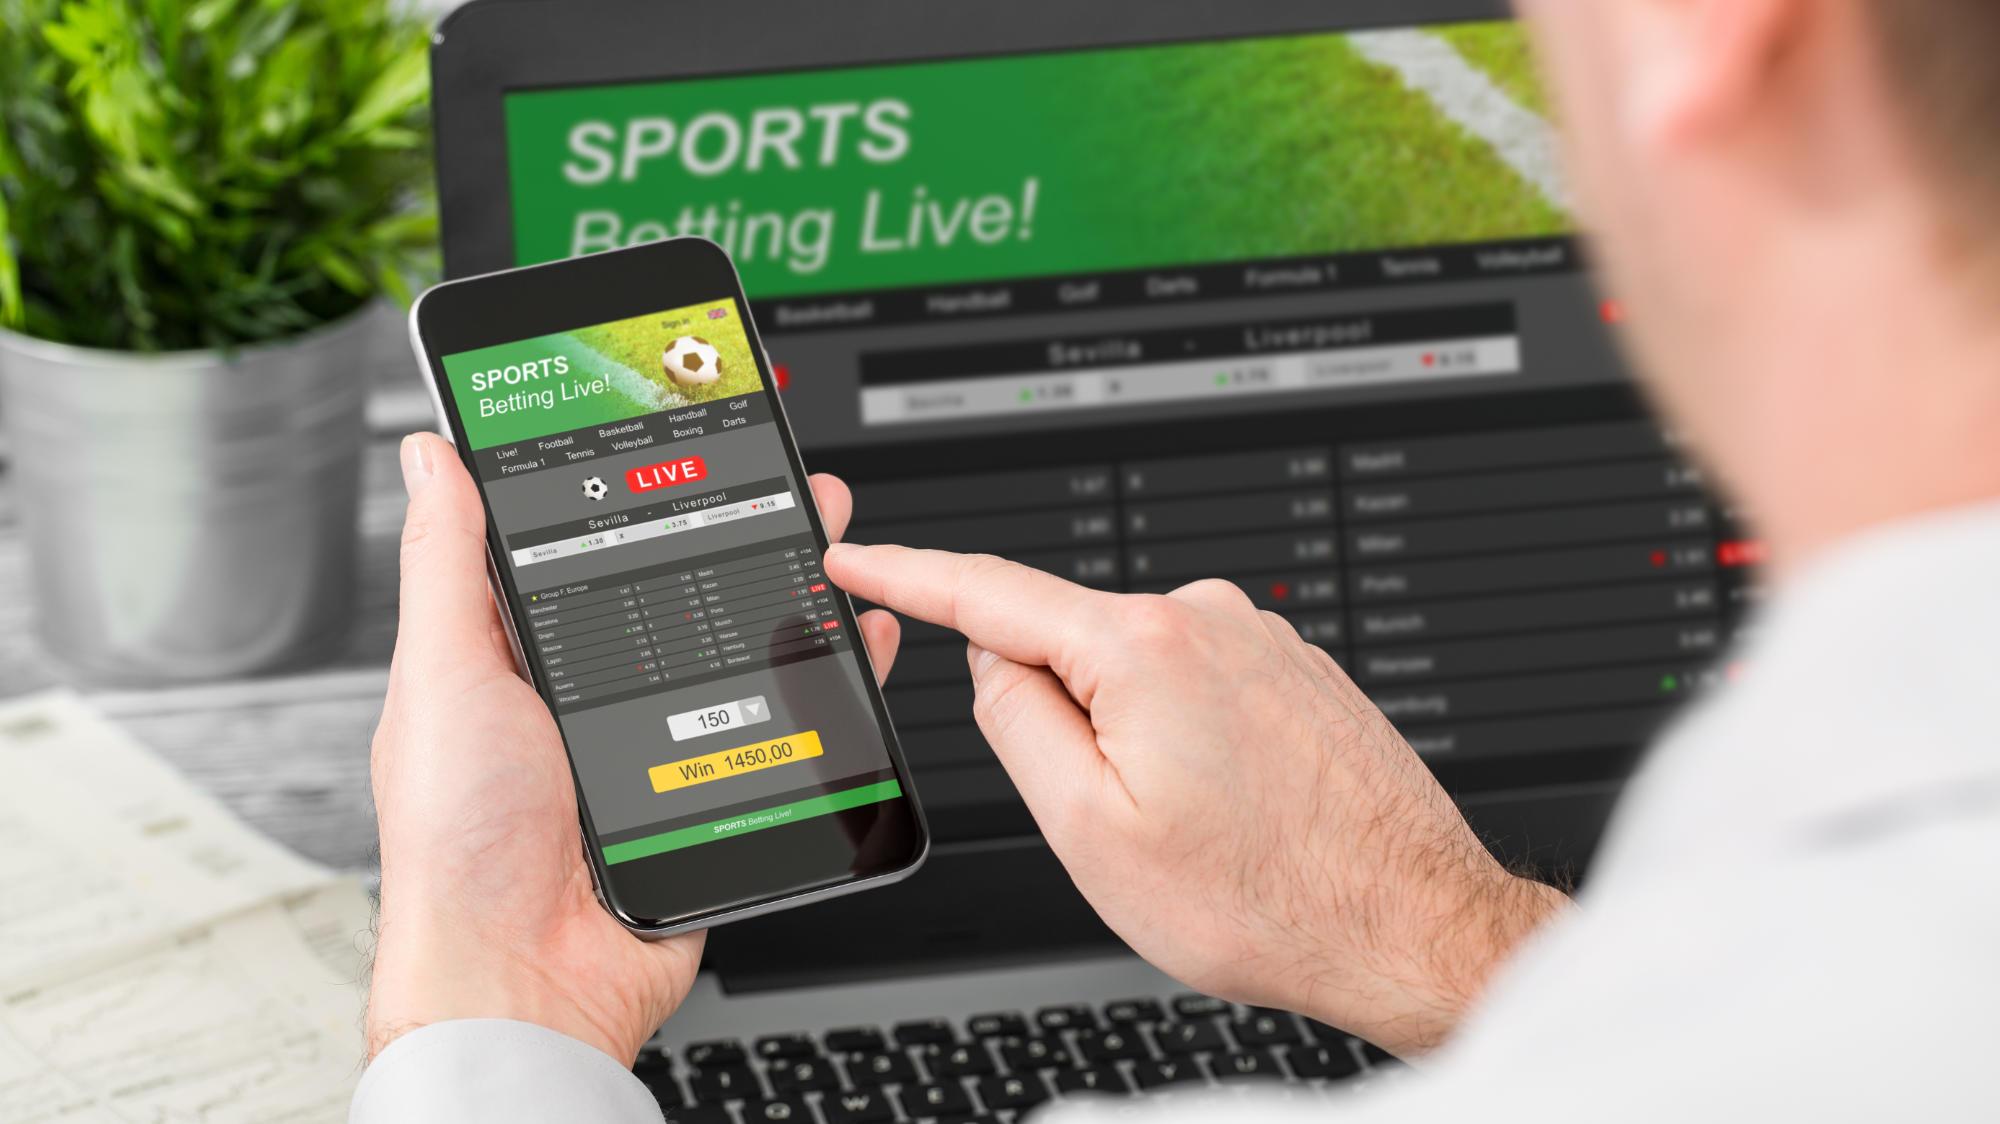 Taruhan Olahraga Langsung di Komputer dan Ponsel Cerdas